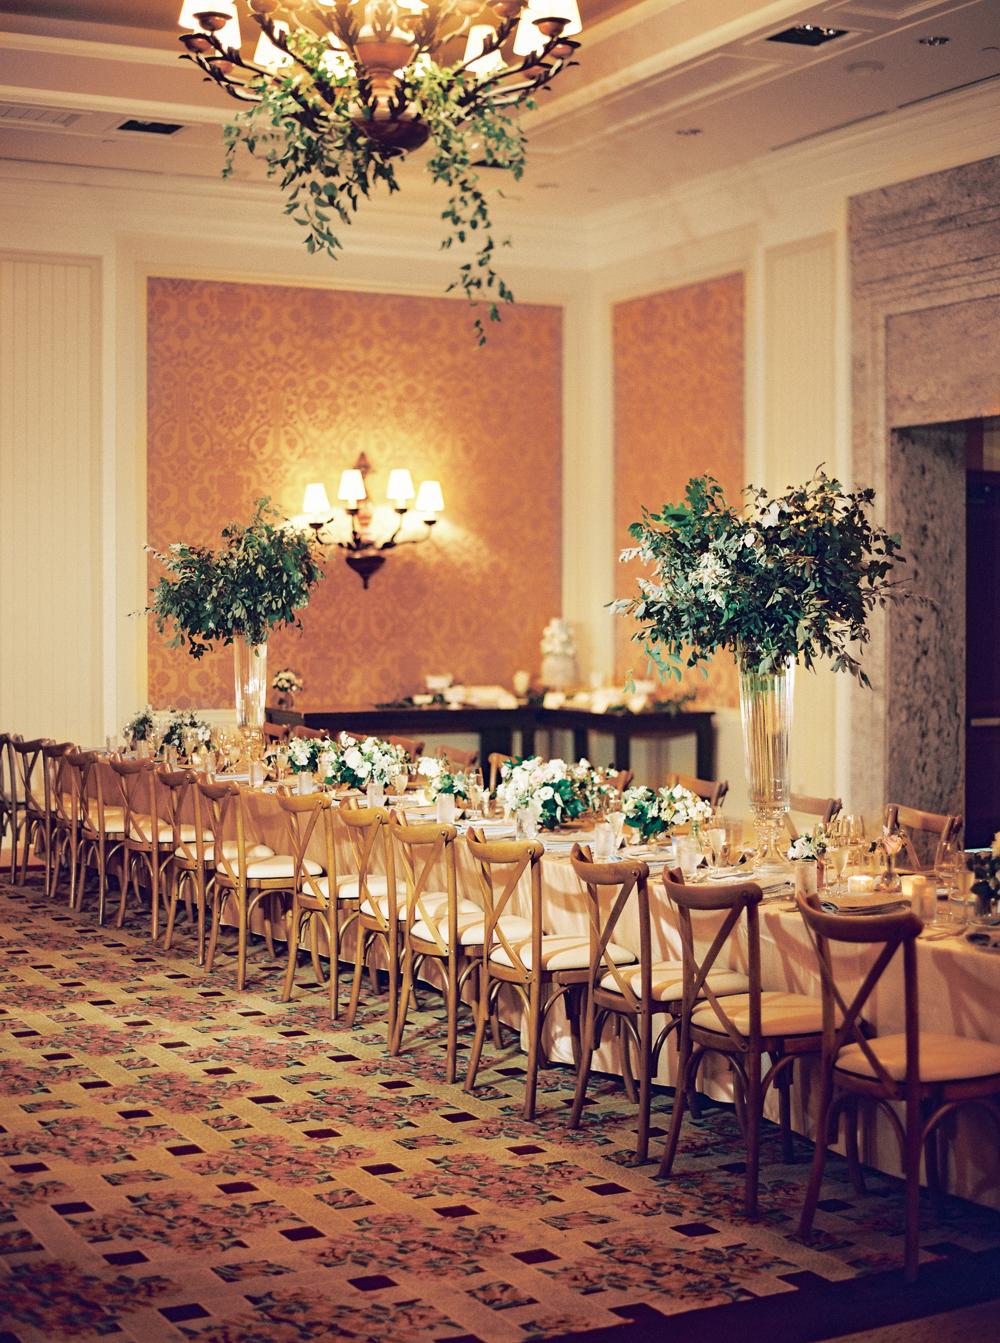 0056-When-He-Found-Her-Muskoka-JW Marriott-The Rosseau-shea-events-sweet-woodruff-canadian-resort-wedding.jpg